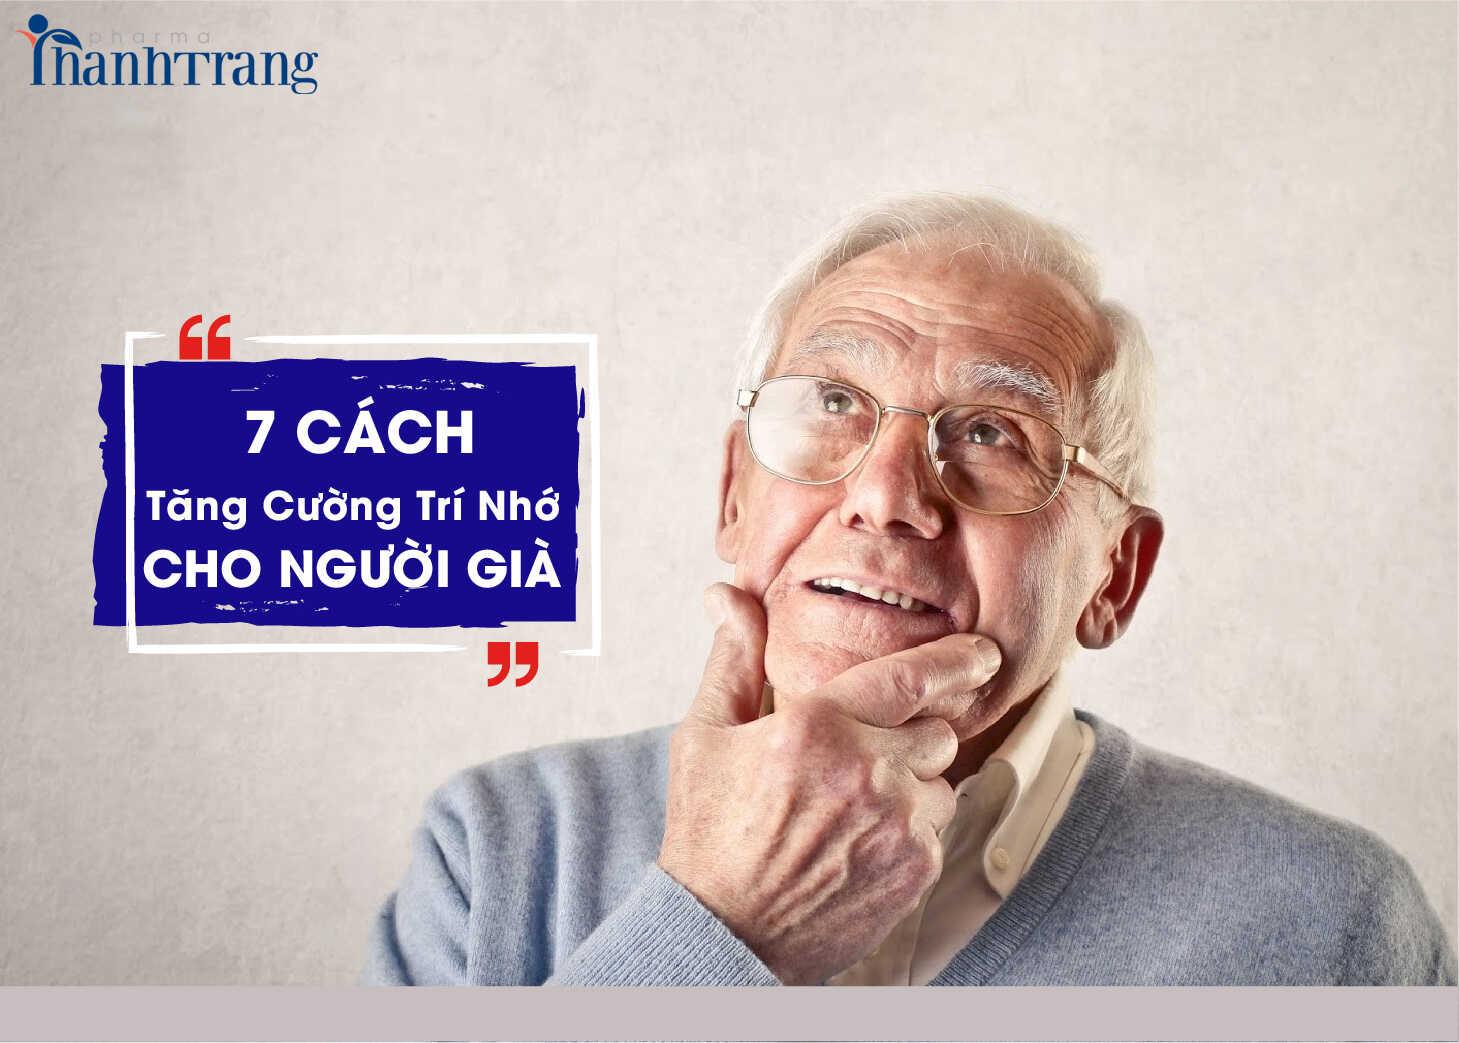 7 cách tăng cường trí nhớ cho người già đơn giản tại nhà